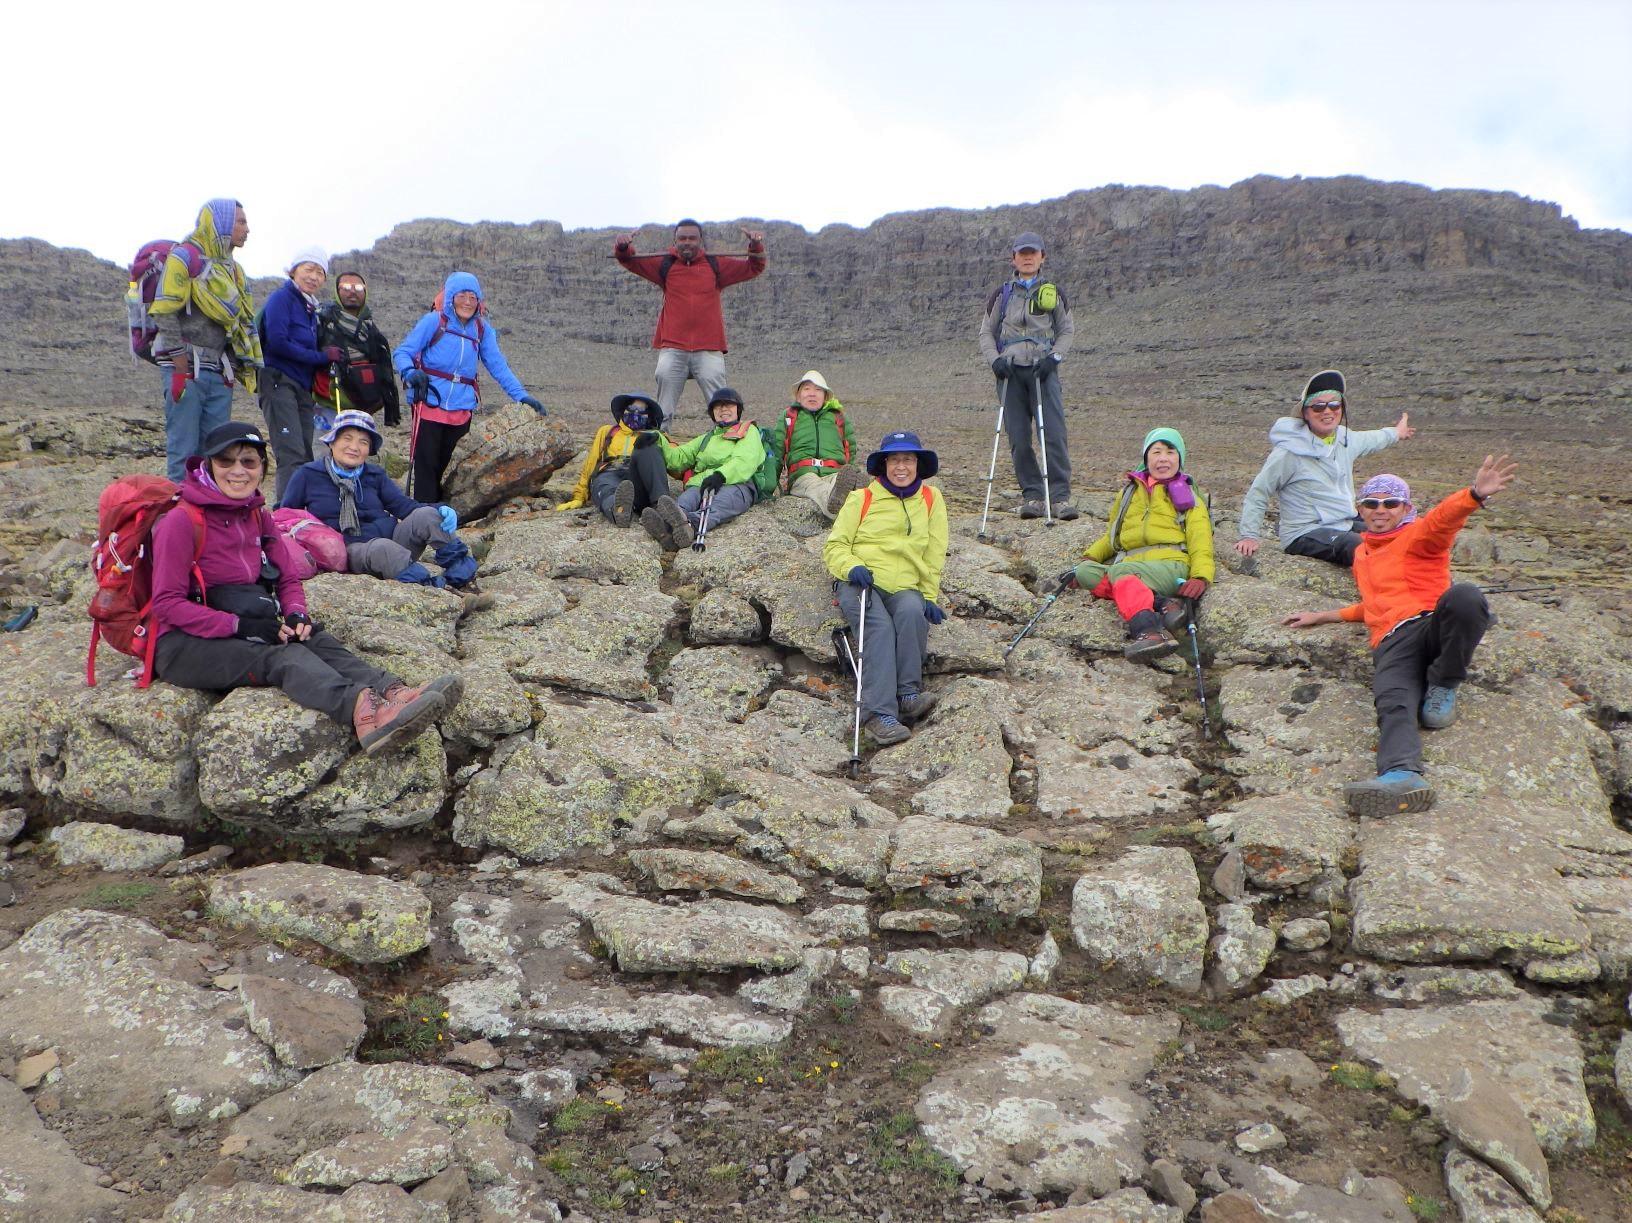 12月5日出発「エチオピア最高峰ラスダシャン(4,550m)登頂とダナキル砂漠 12日間」